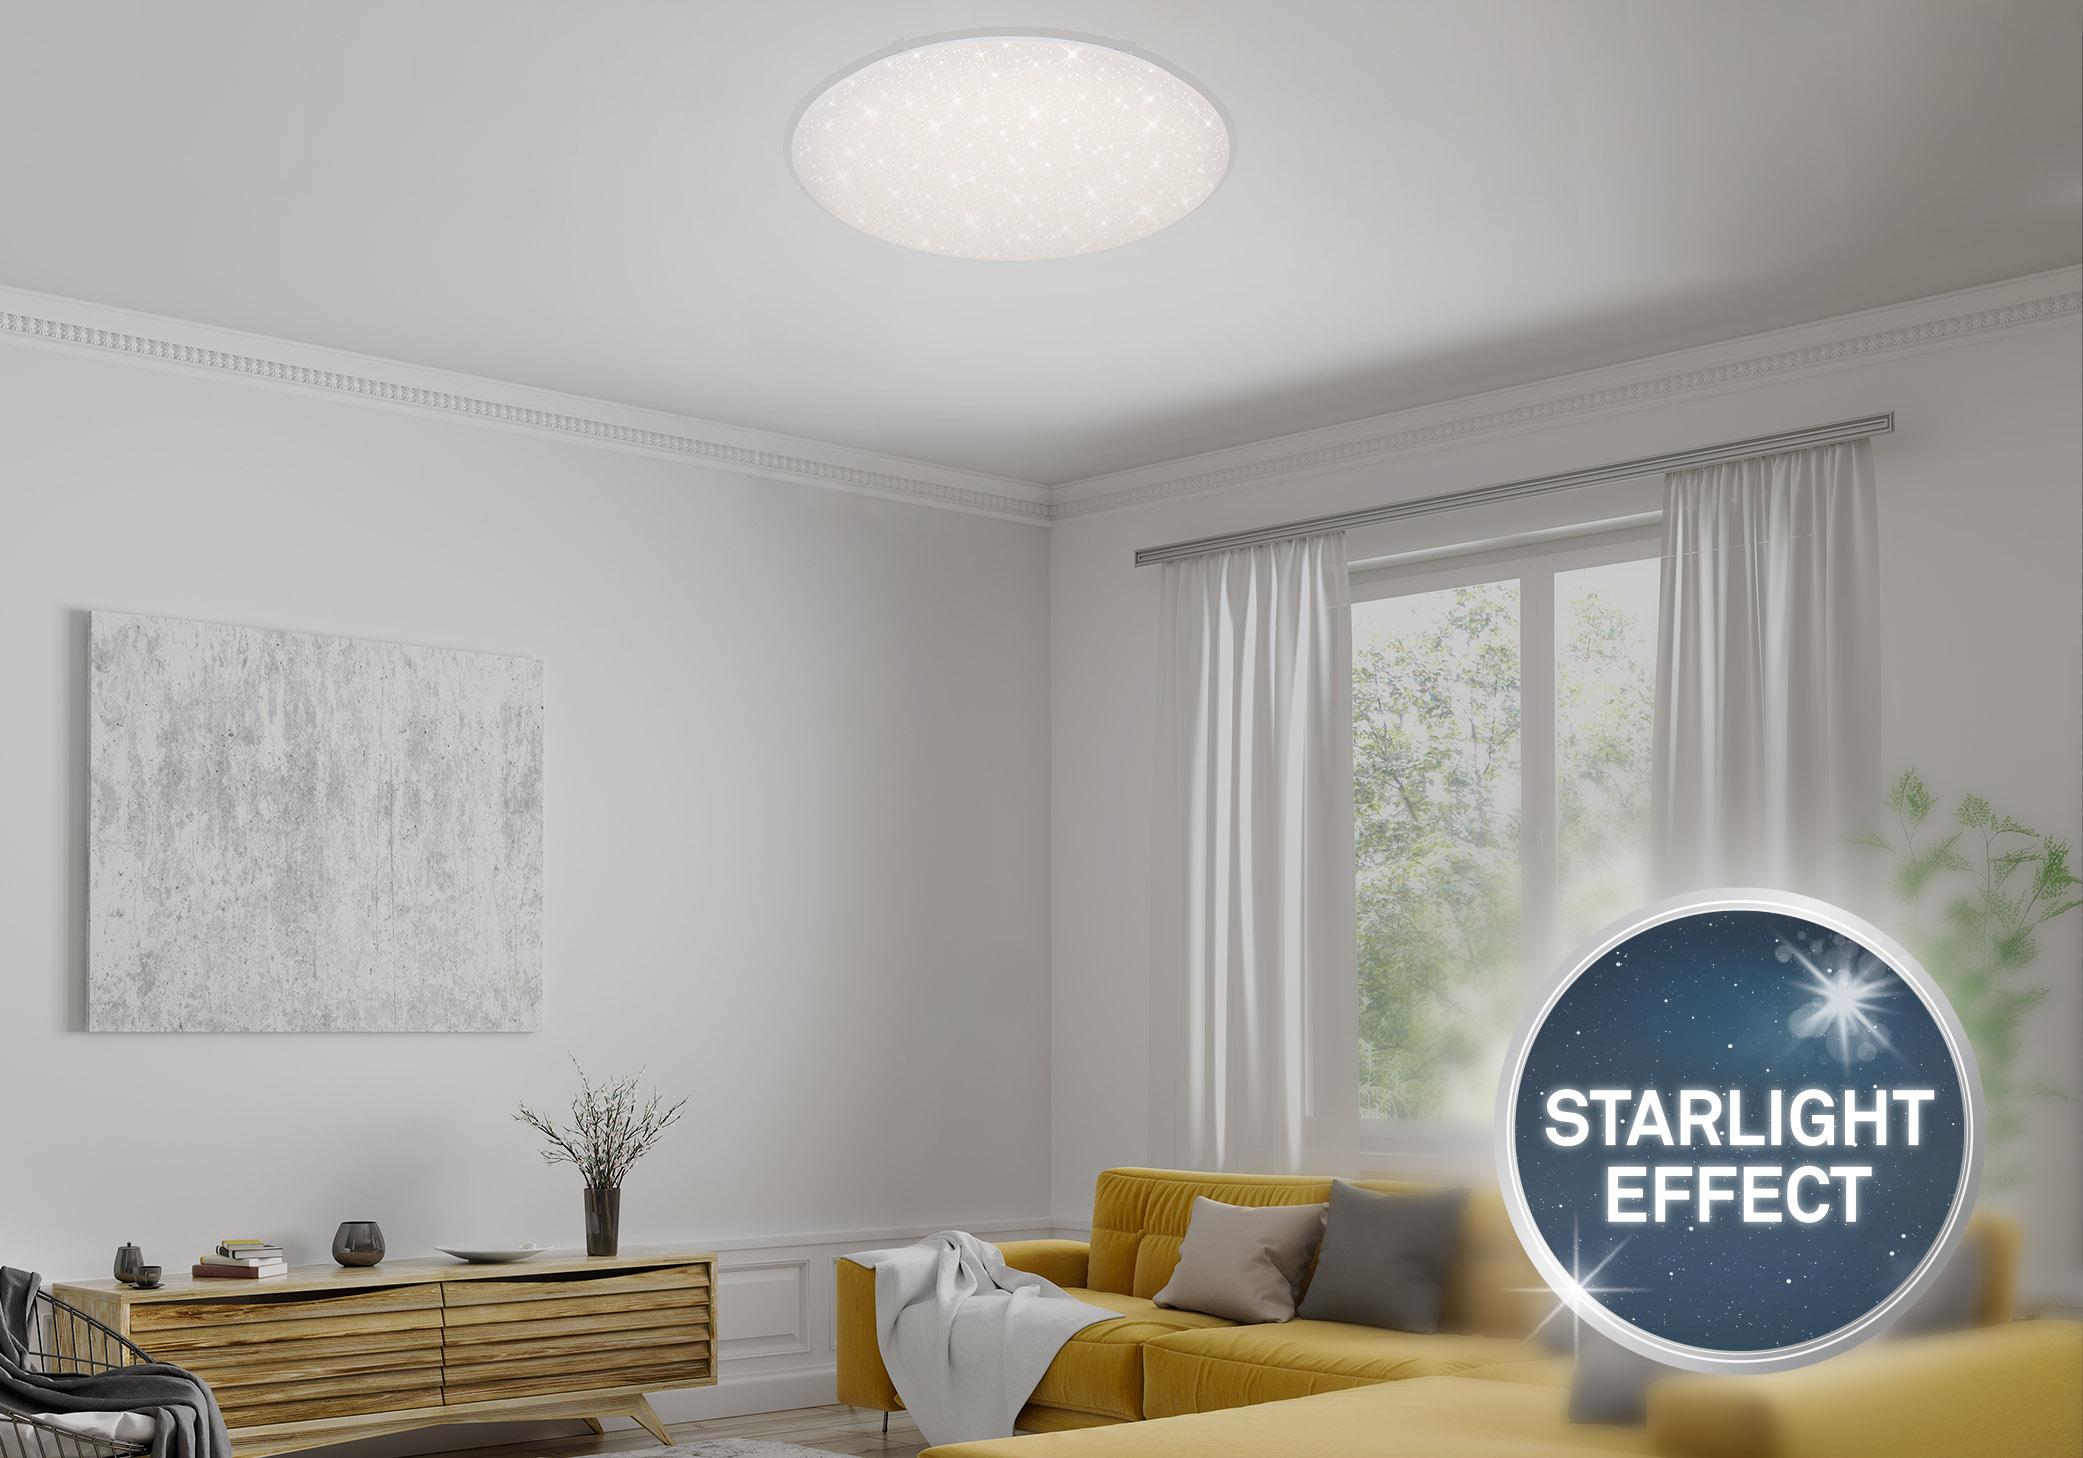 Starlight Effect LED Sternenhimmel